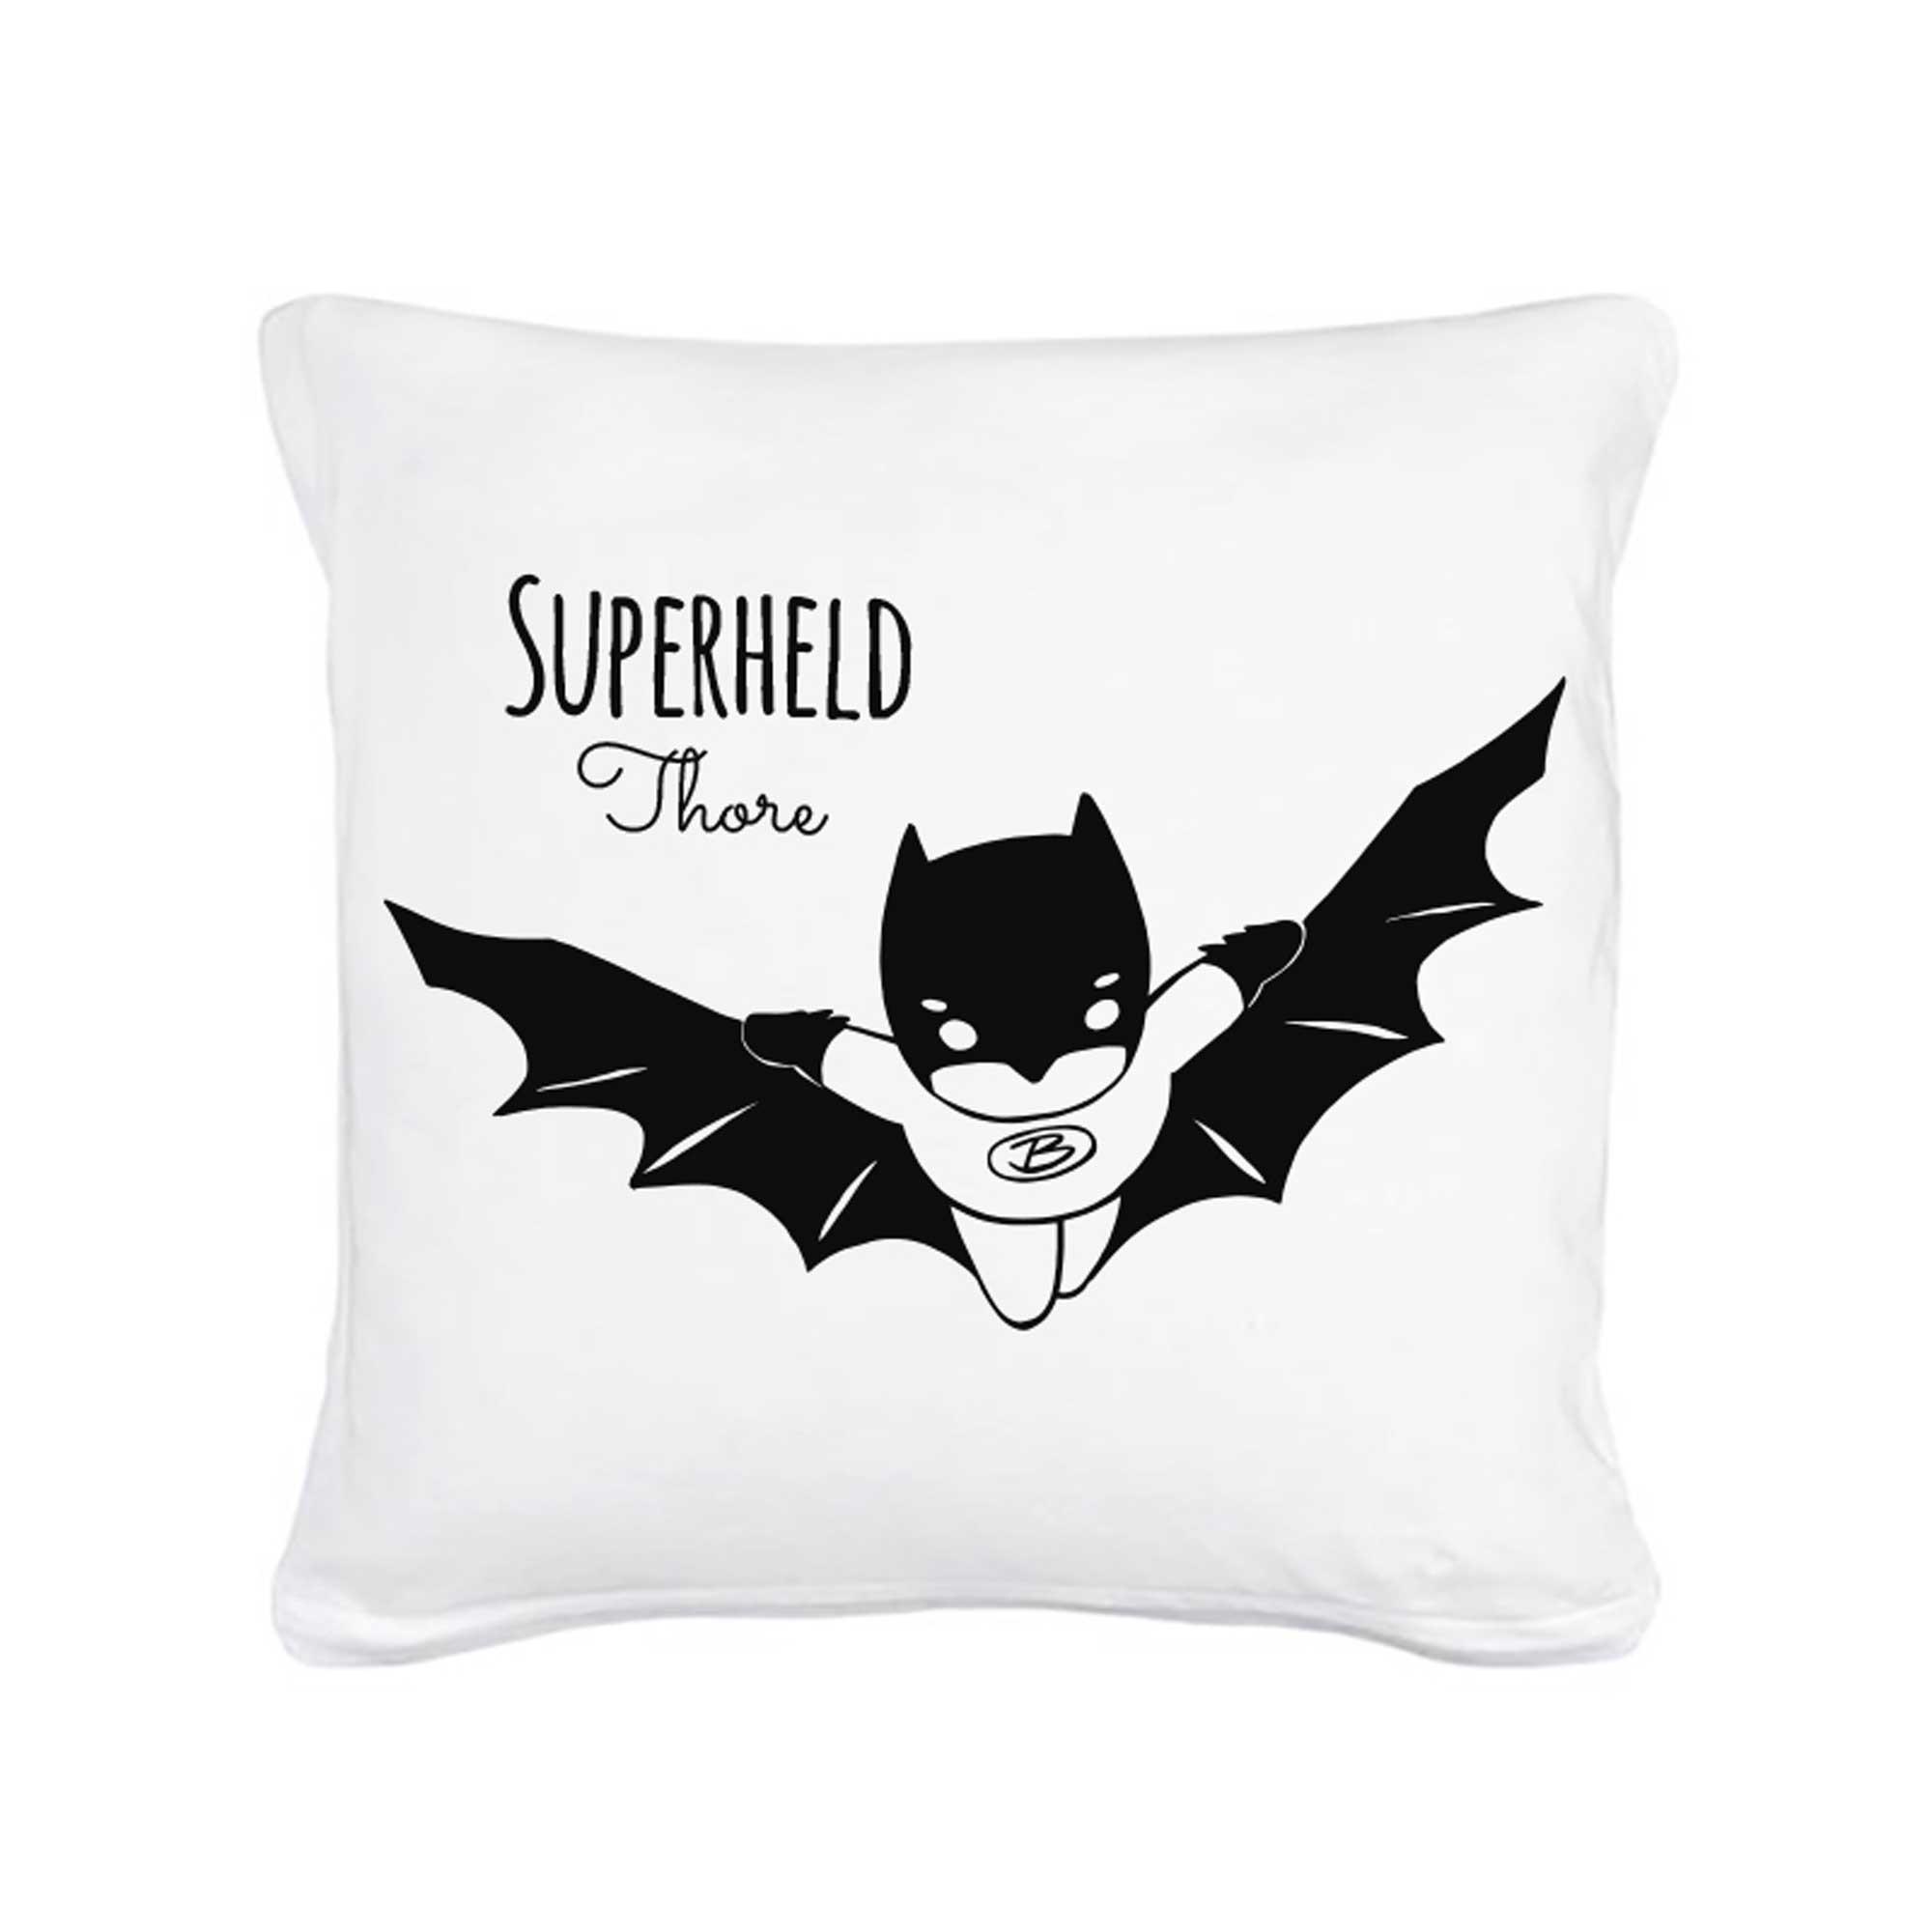 kissen superheld fliegend mit wunschnamen inklusive f llung k25 wandtattoos elfent r tassen. Black Bedroom Furniture Sets. Home Design Ideas